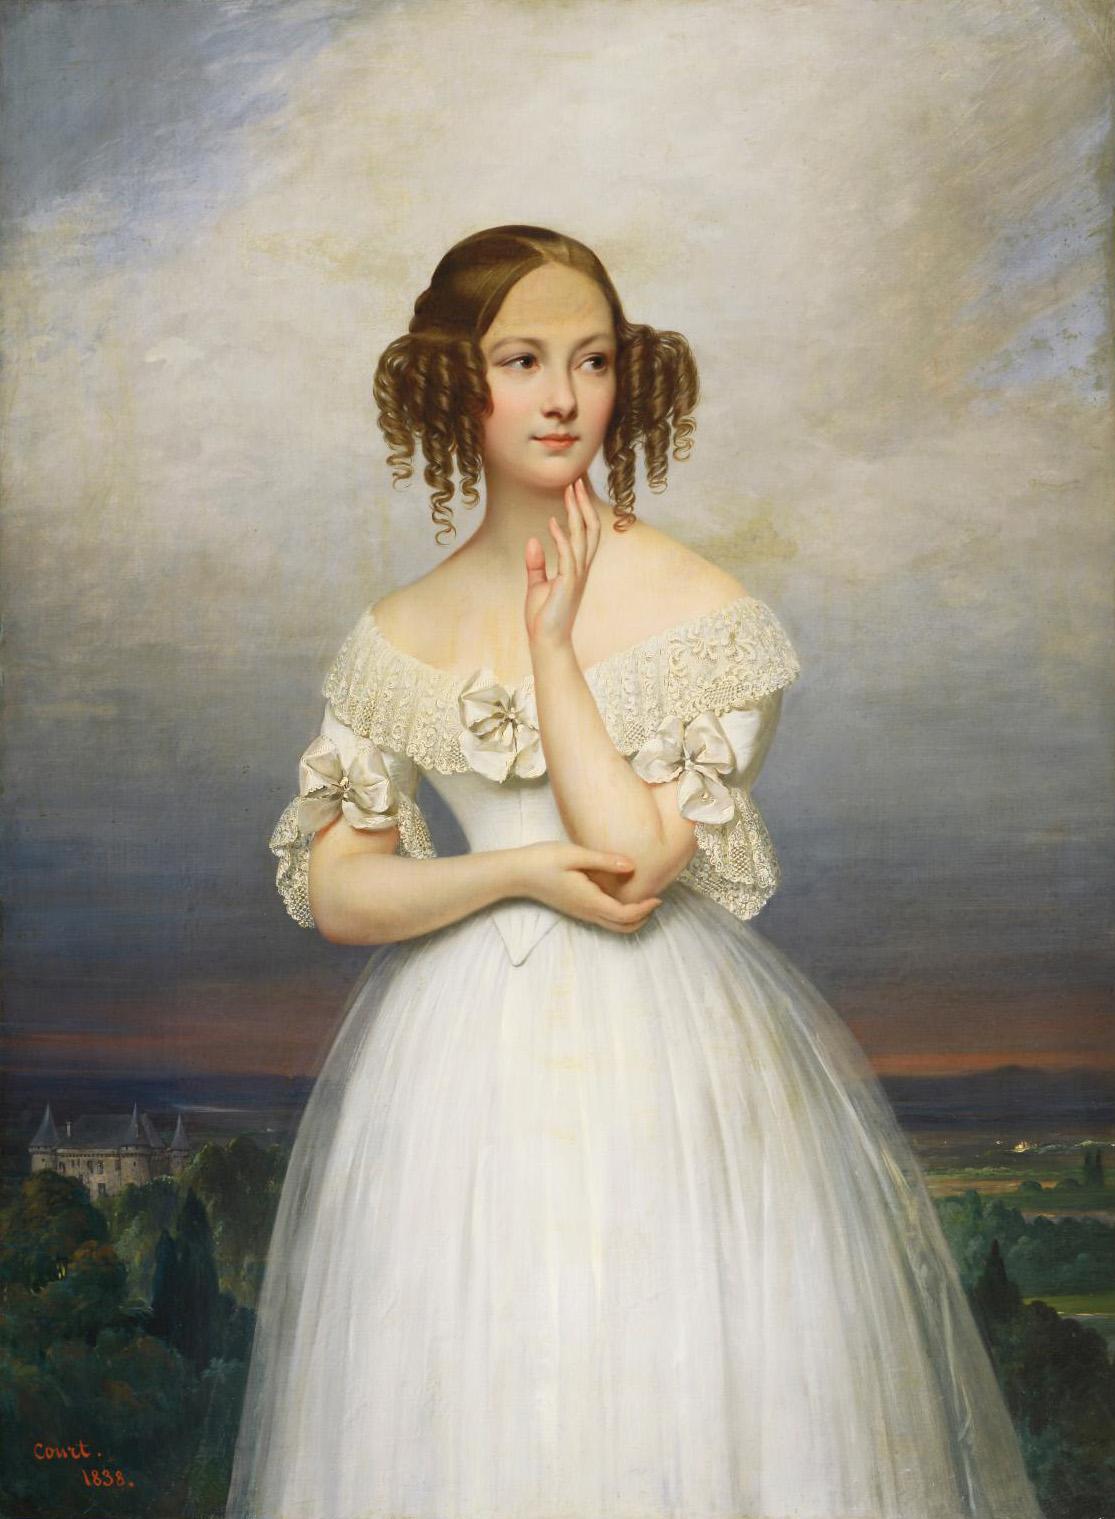 Joseph-Désiré Court (1797-1865), Portrait d'Angélique Pauline Dupont, signed and dated 1841, oil on canvas, 130 x 97 cm (51.2 x 32.2 in).©